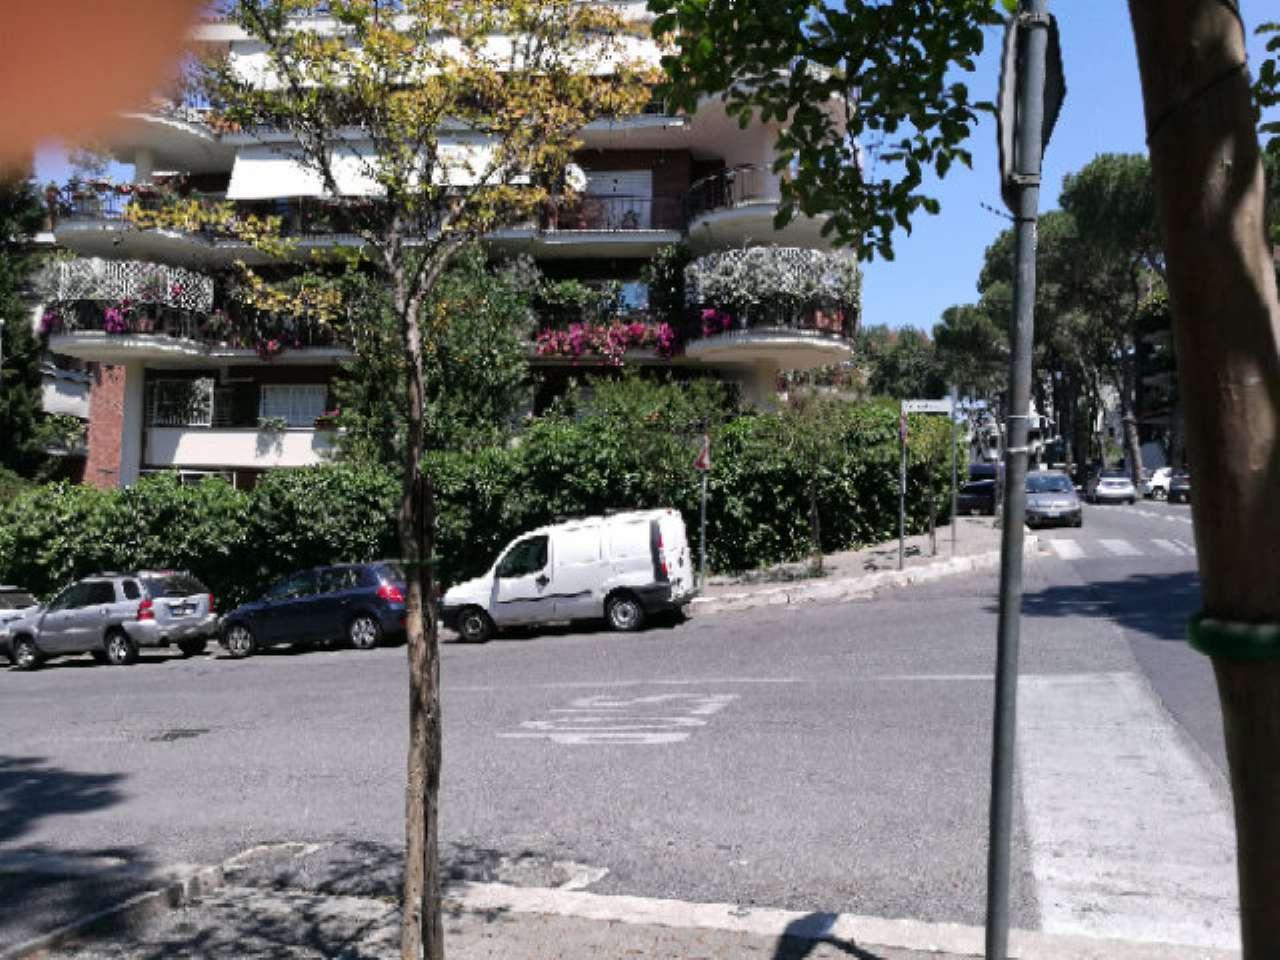 Appartamento in vendita a Roma, 1 locali, zona Zona: 29 . Balduina, Montemario, Sant'Onofrio, Trionfale, Camilluccia, Cortina d'Ampezzo, prezzo € 85.000 | CambioCasa.it